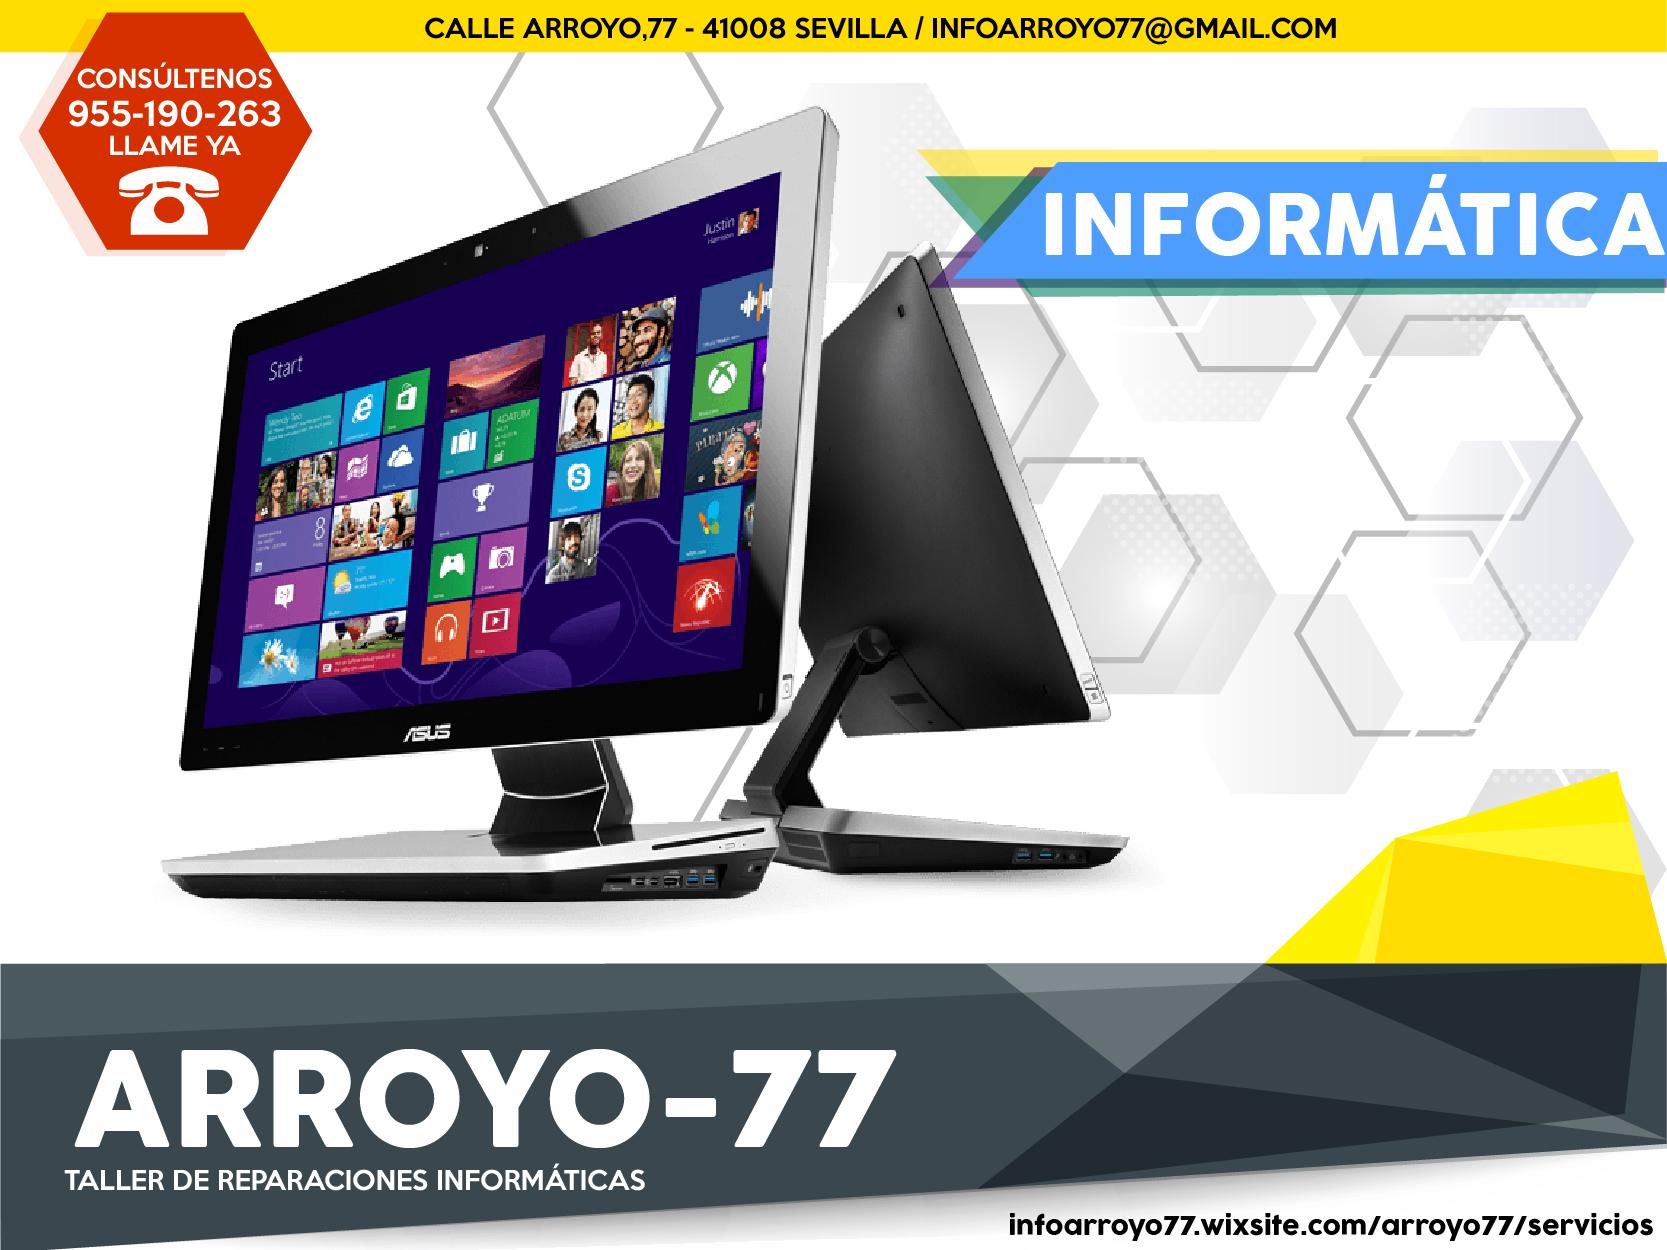 Arroyo77 tienda informática